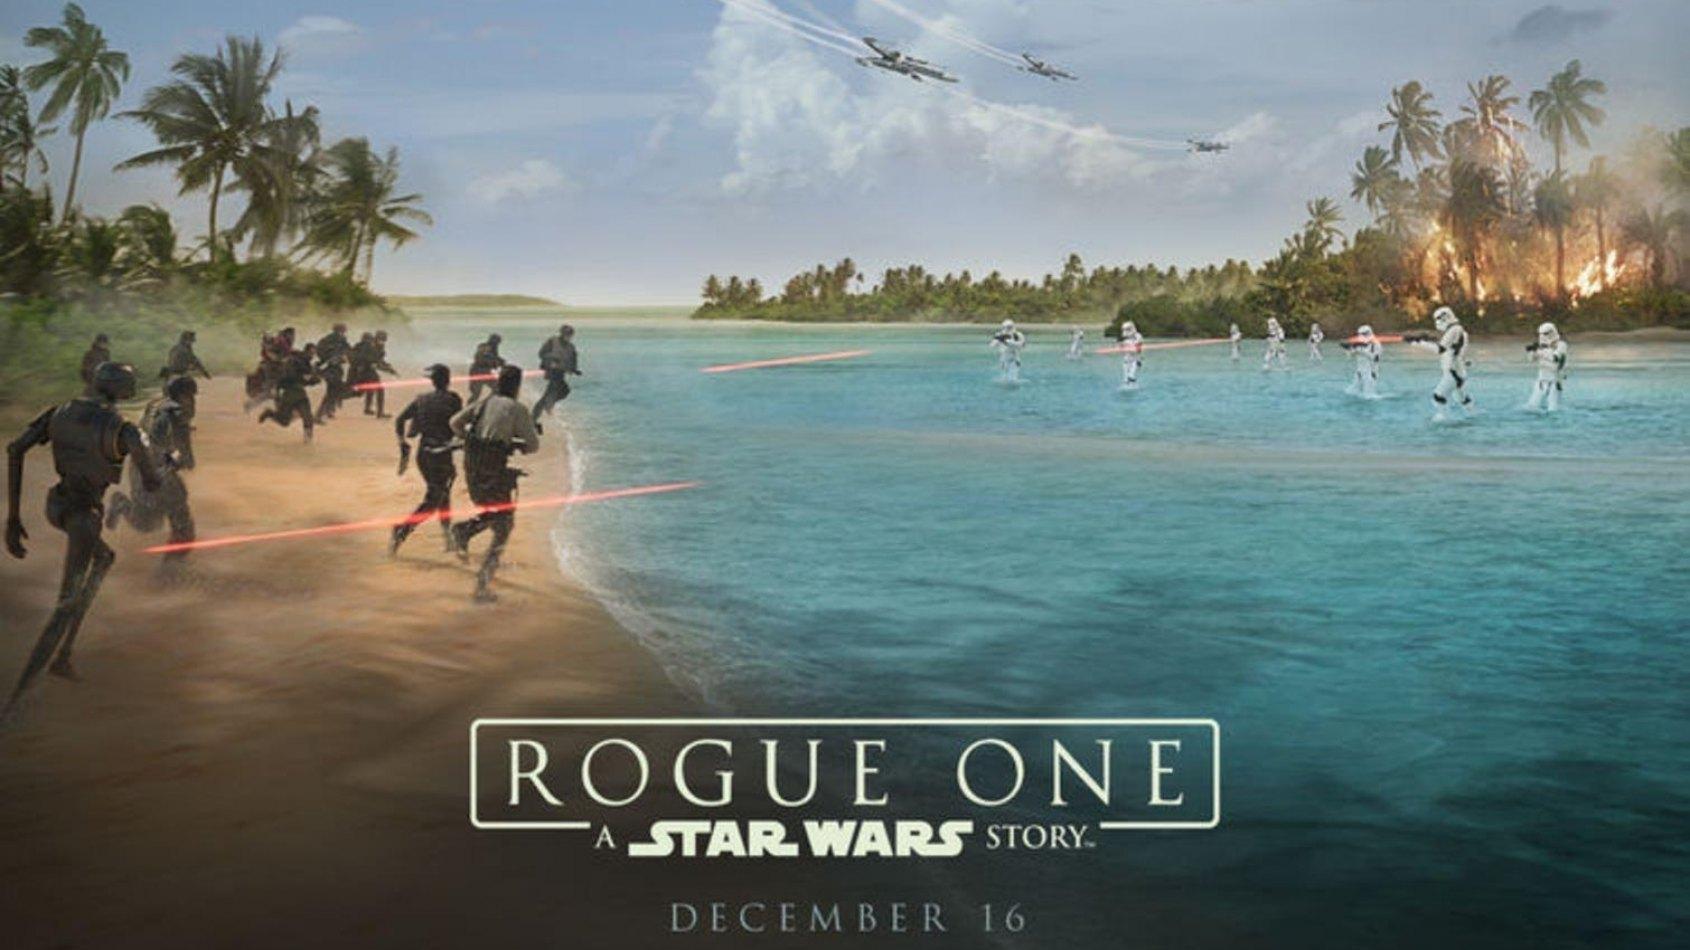 L'affiche officielle de Rogue One déjà dans les cinémas !